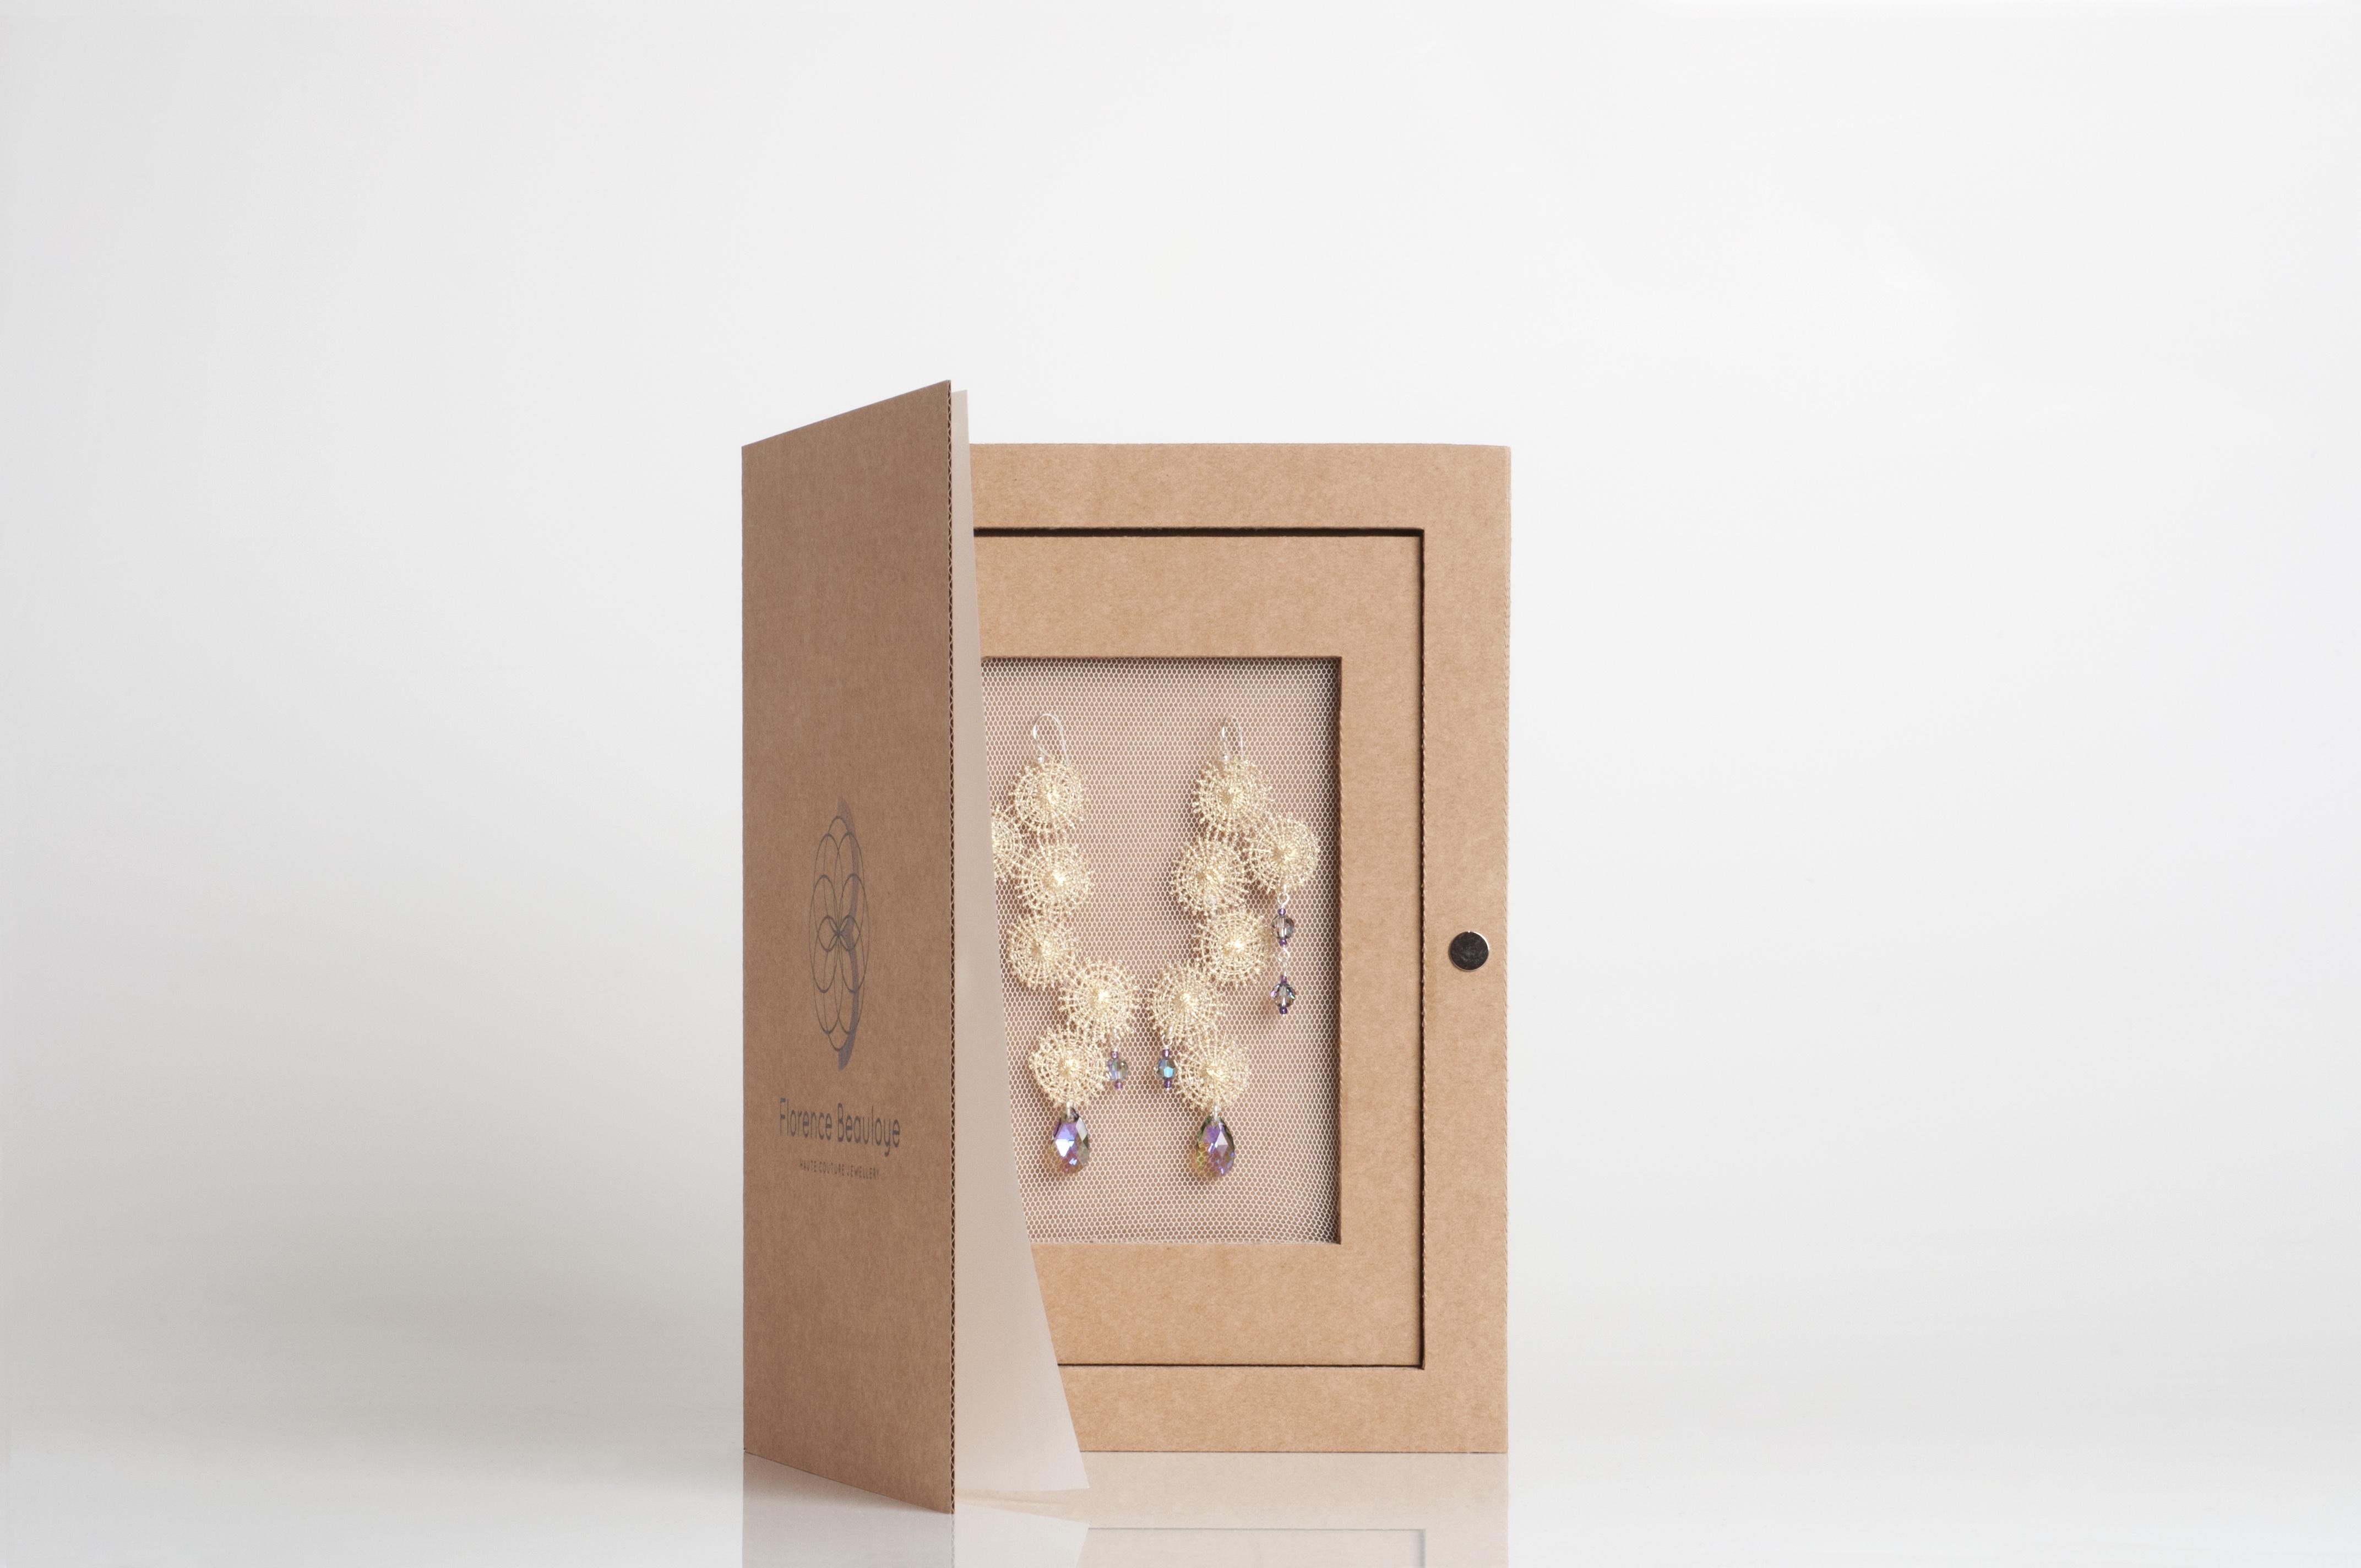 FB-Packaging-3